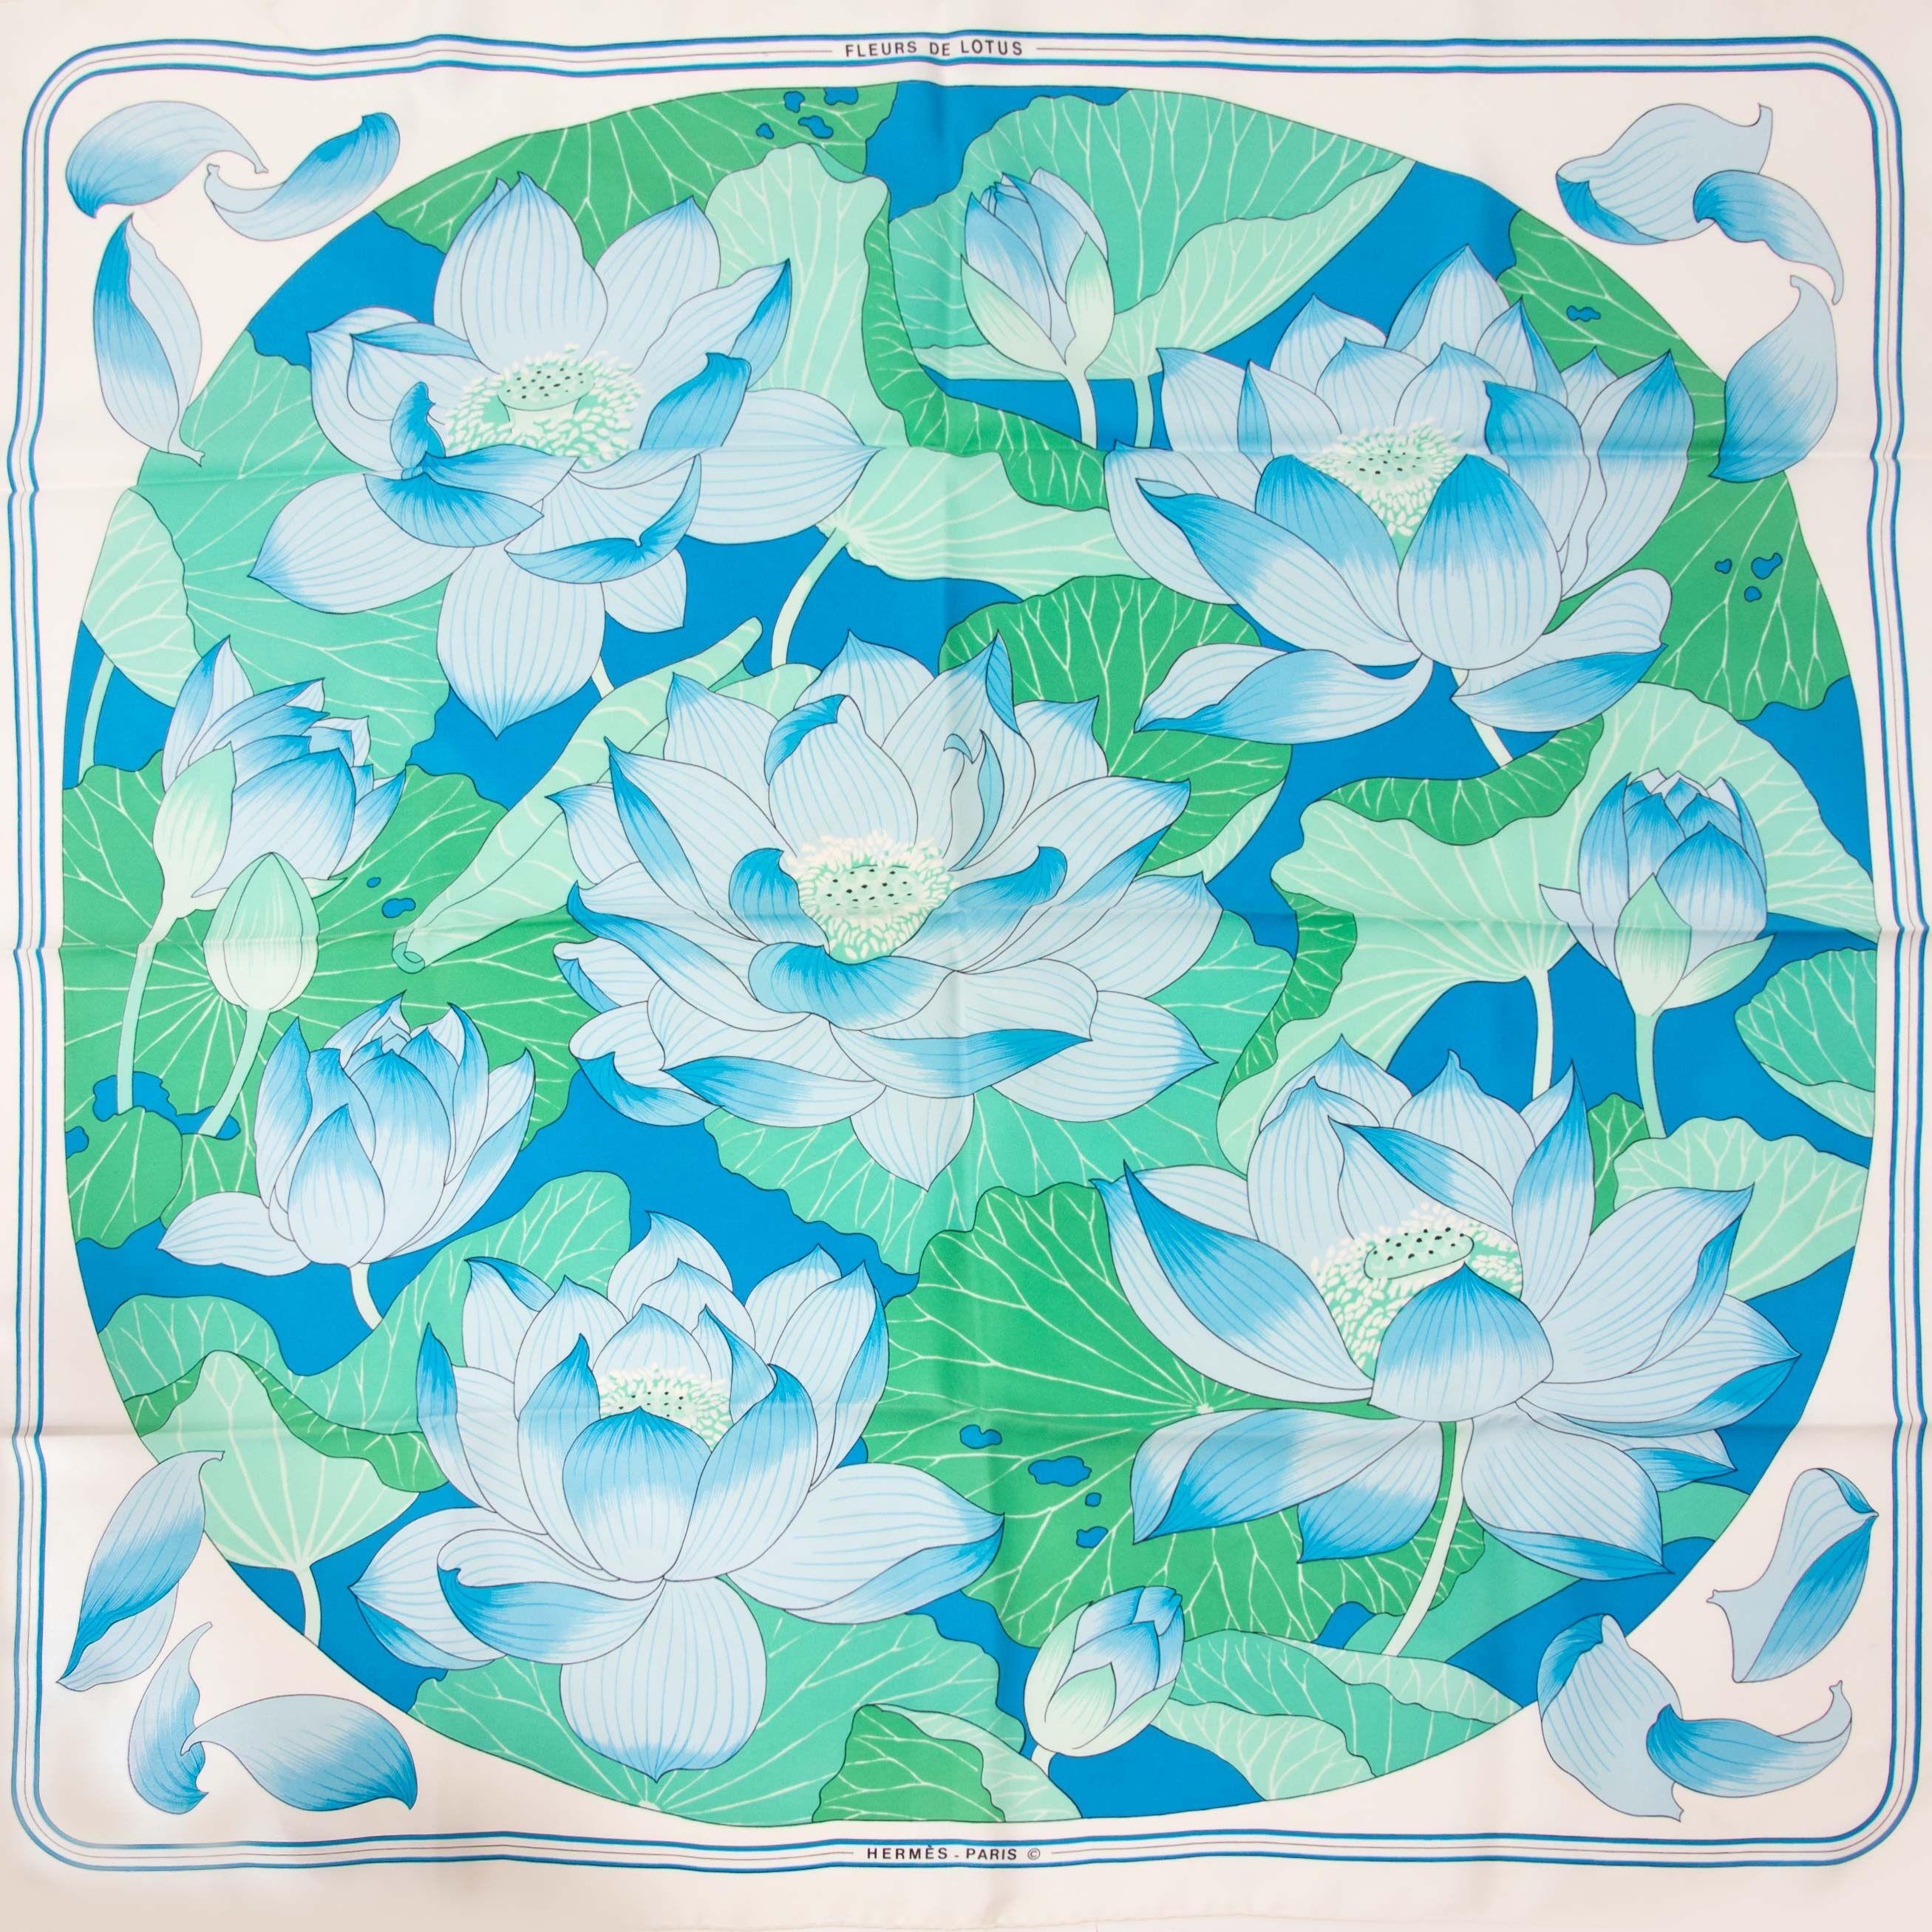 Hermès Carré Fleures de lotus in blue and green colors